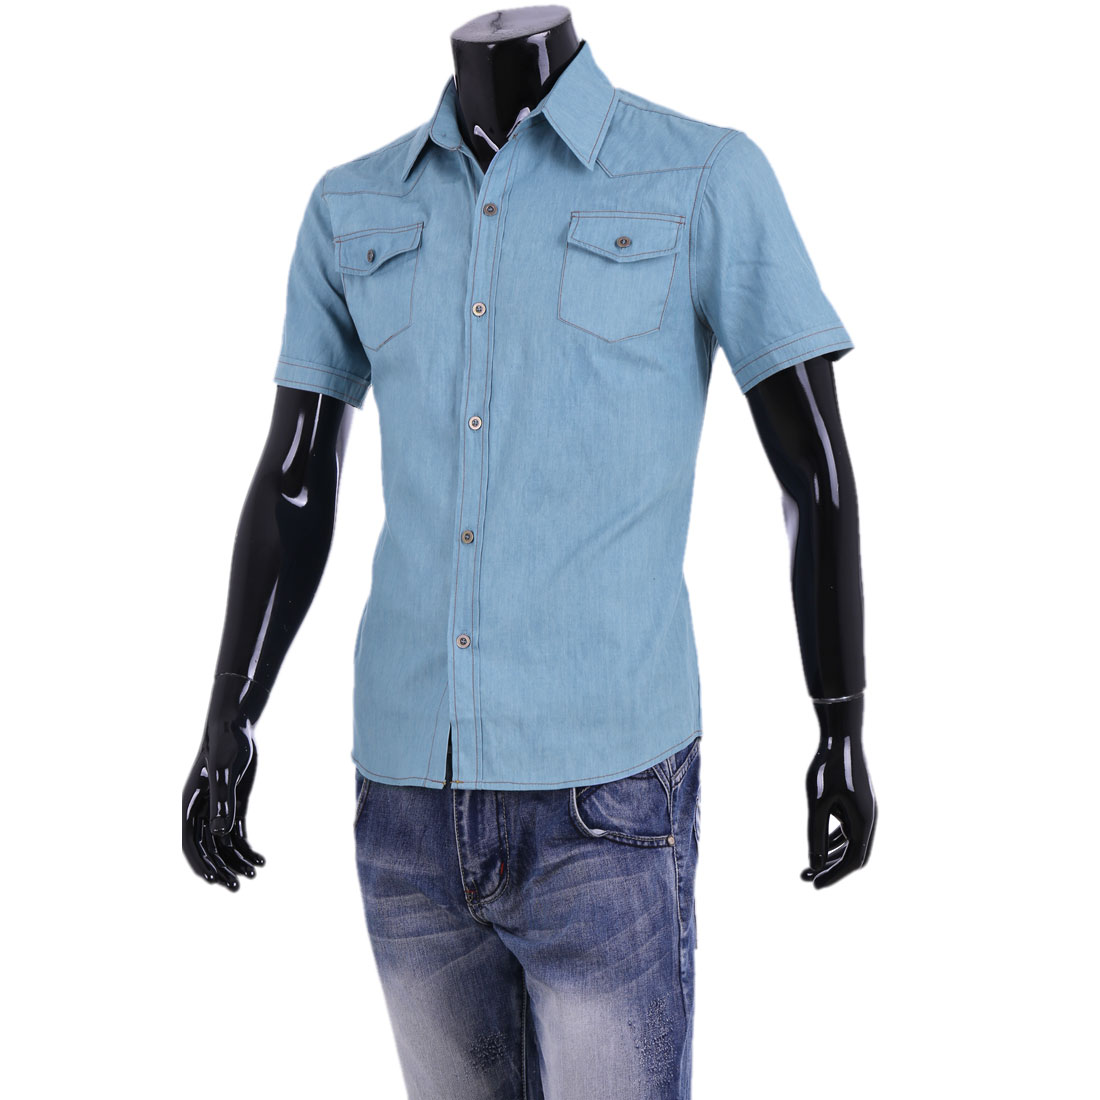 Men Chic Point Collar Short Sleeve Button Down Light Blue Denim Shirt M